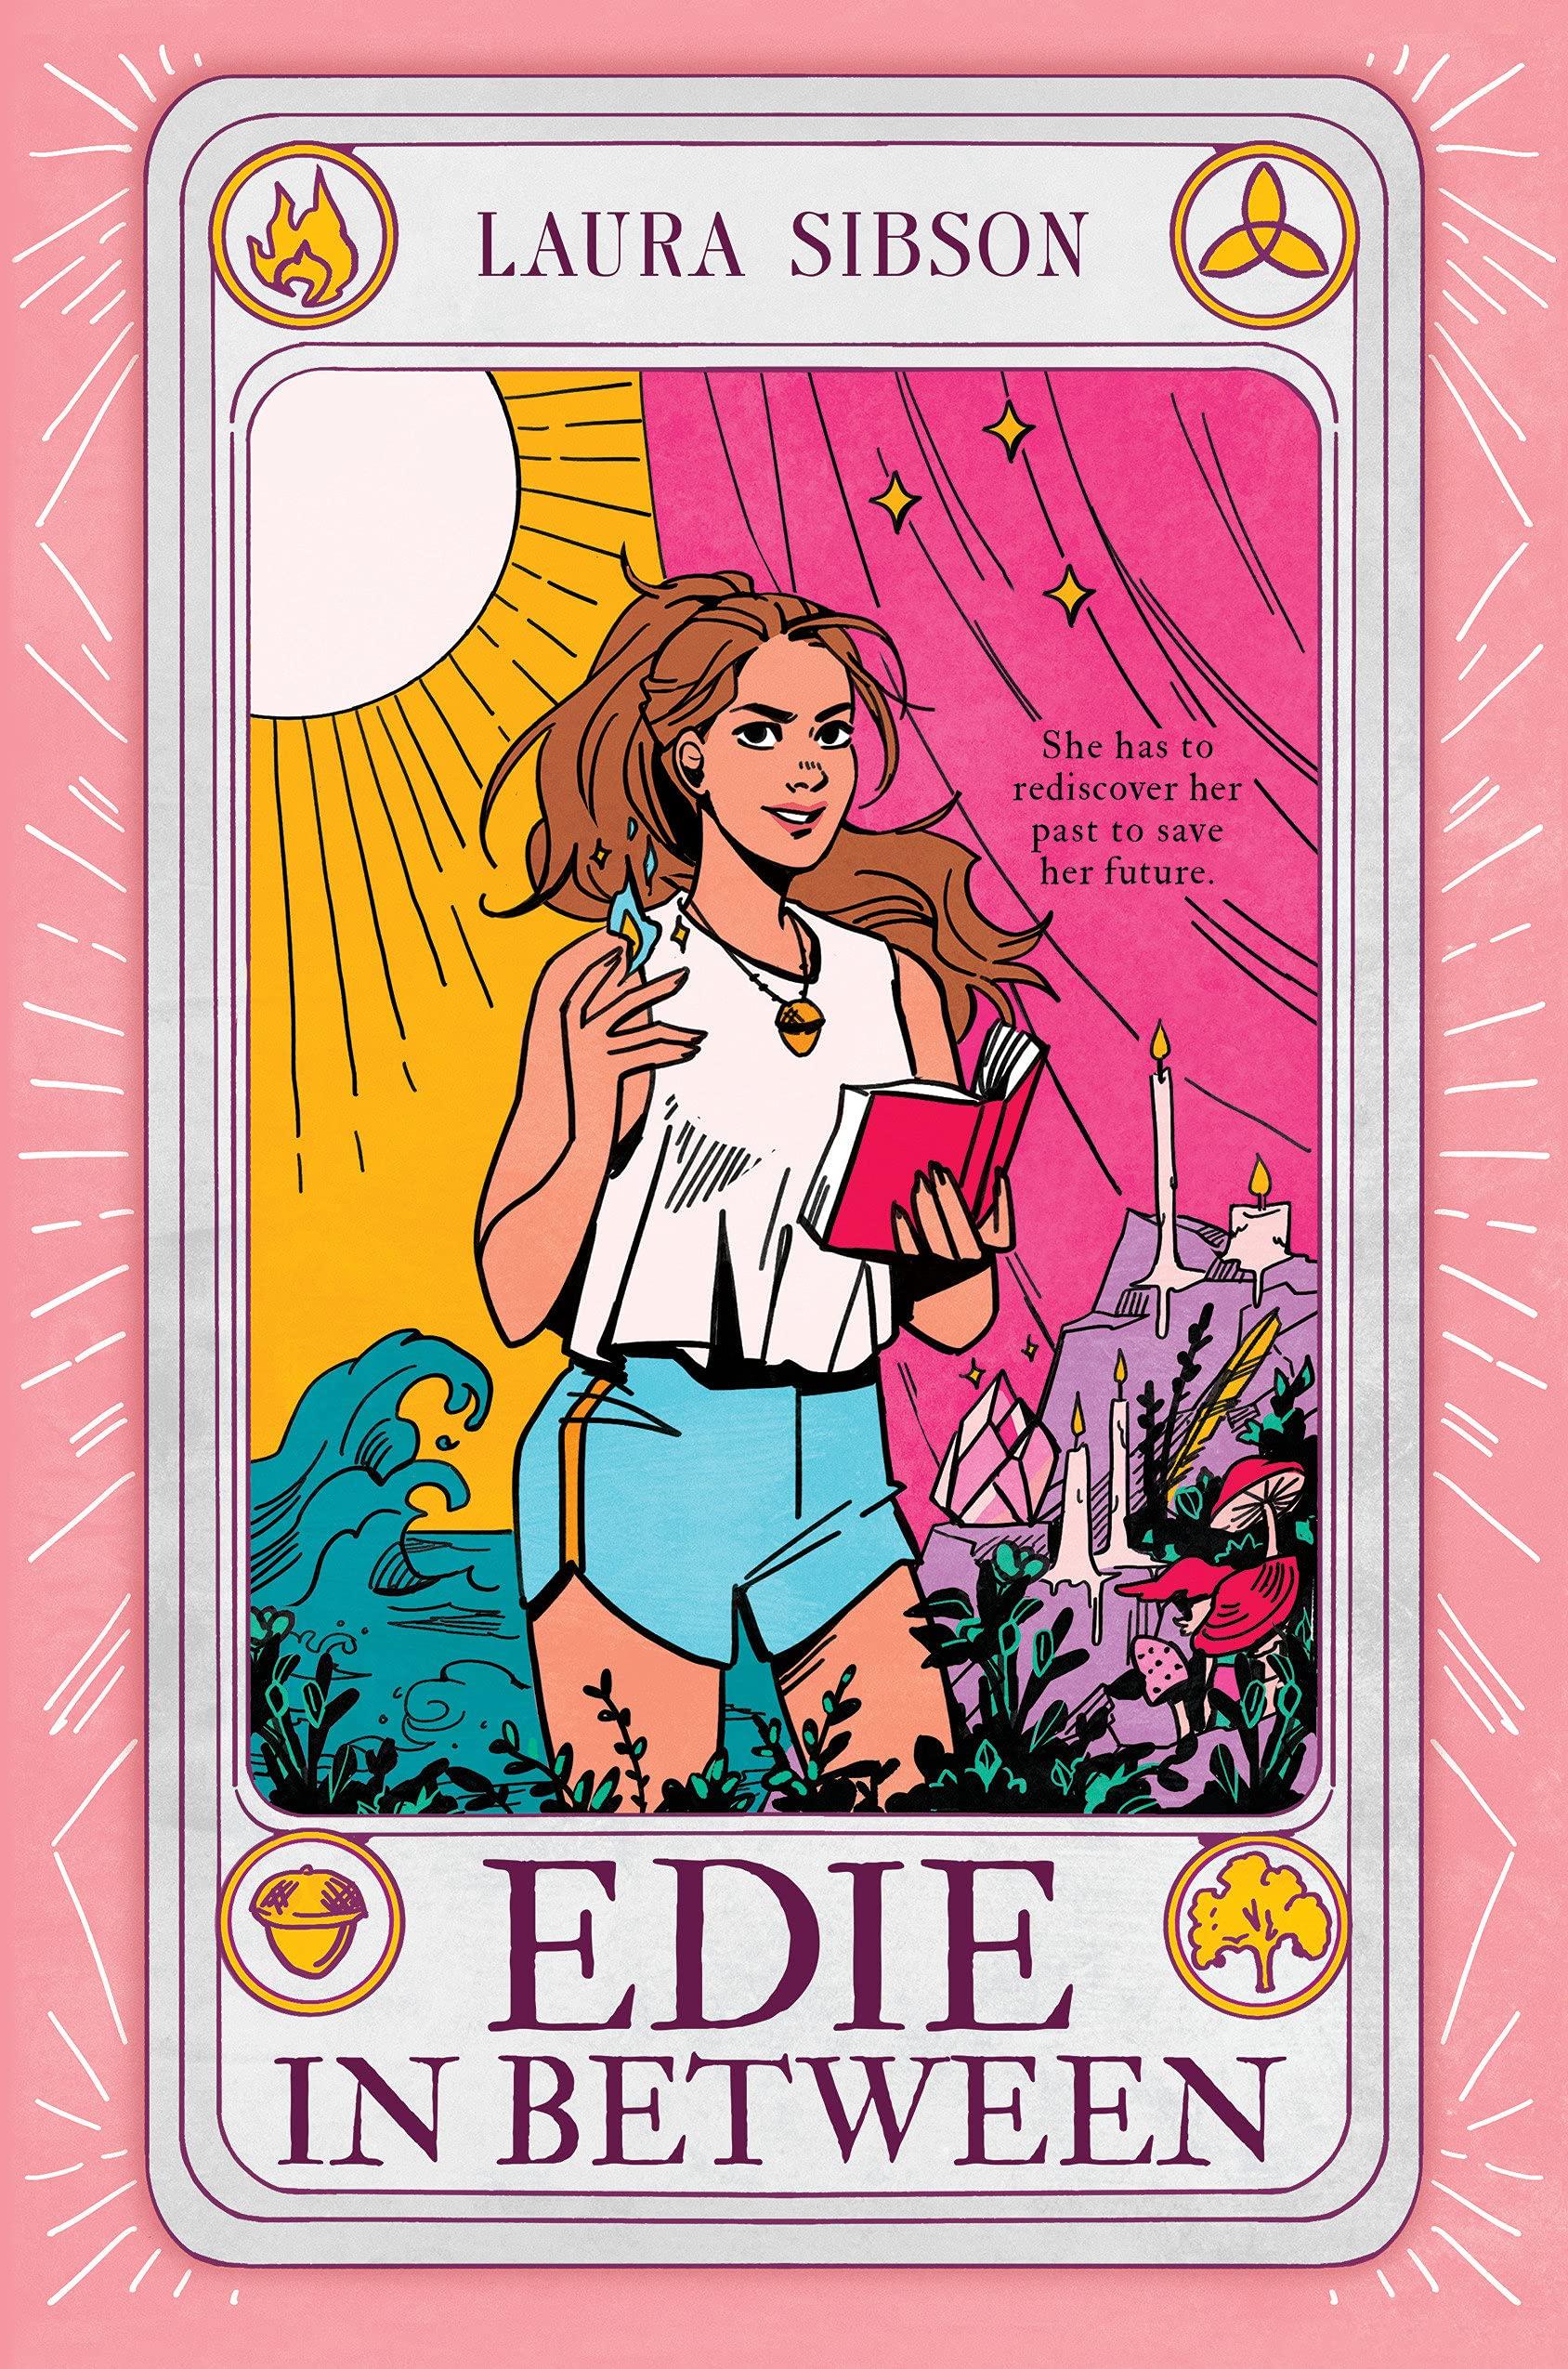 Edie in Between book cover